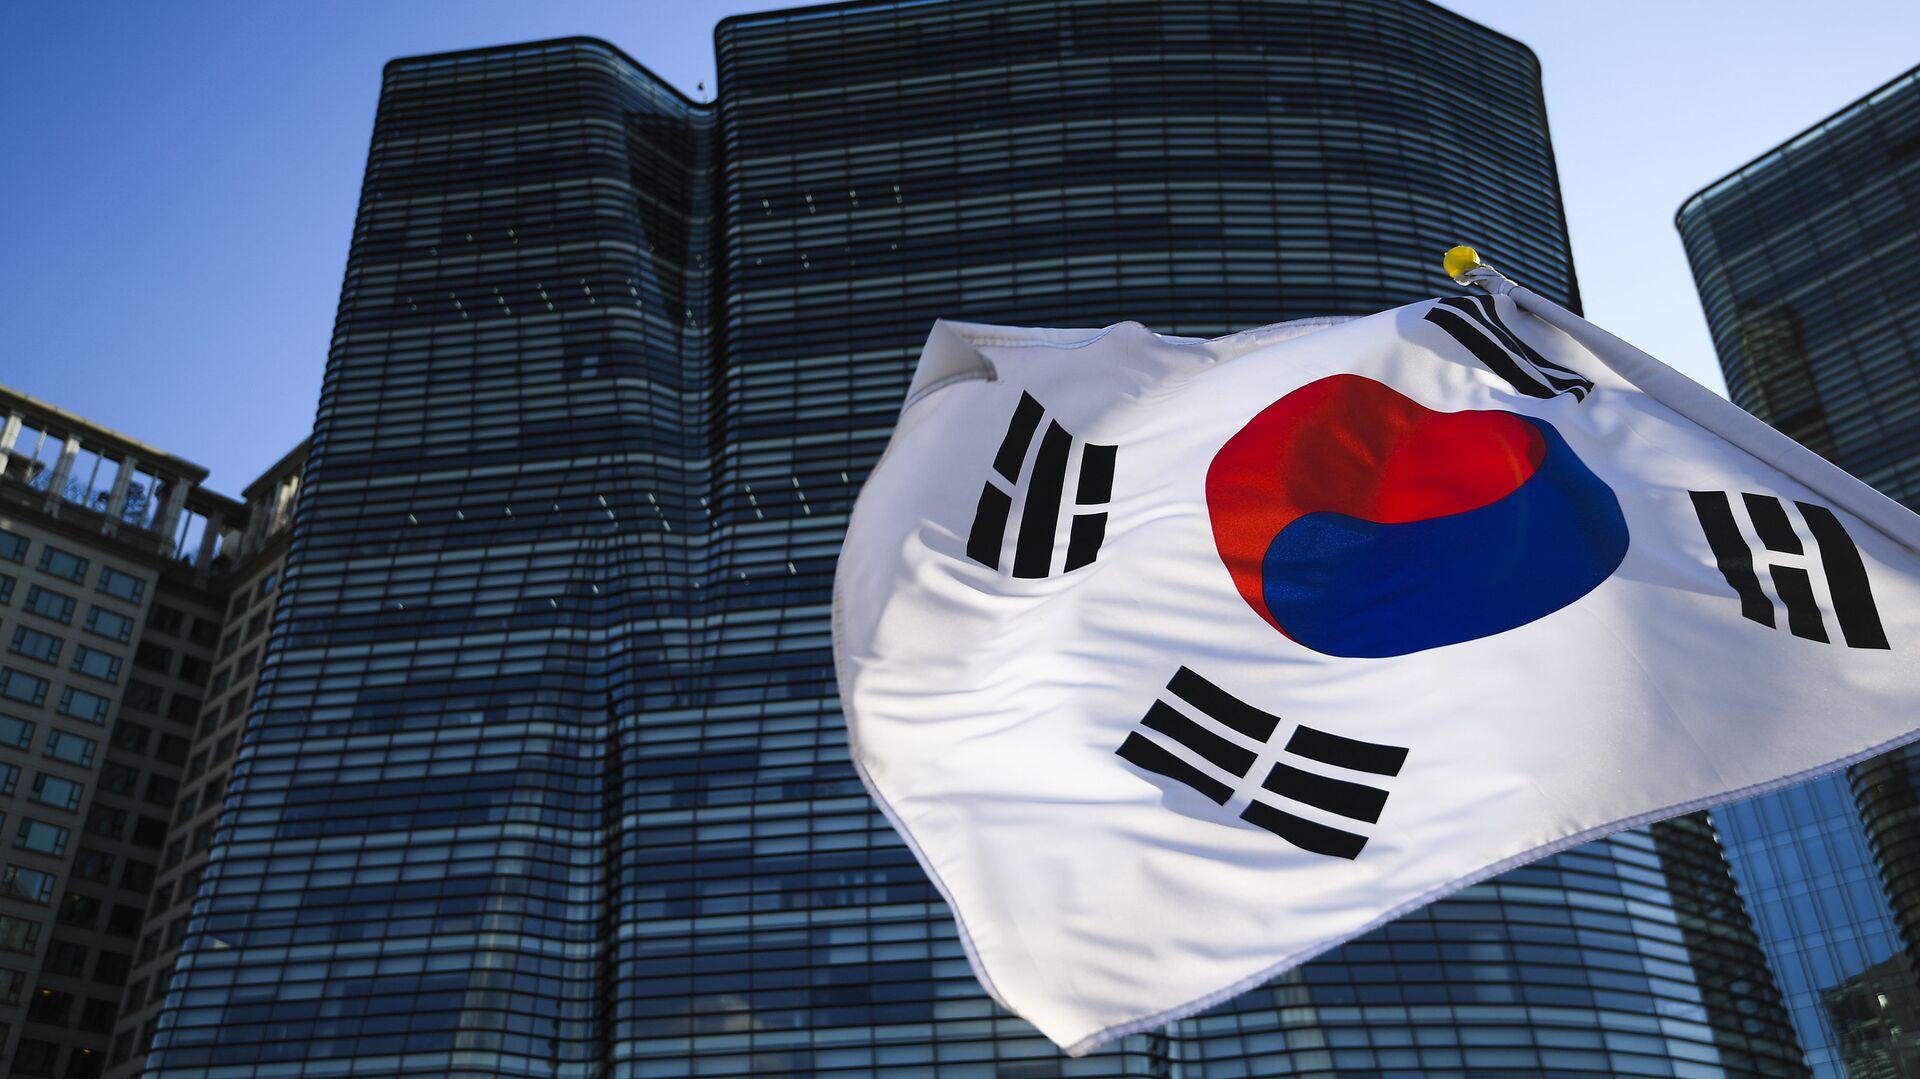 La bandiera della Corea del Sud - Sputnik Italia, 1920, 02.07.2021